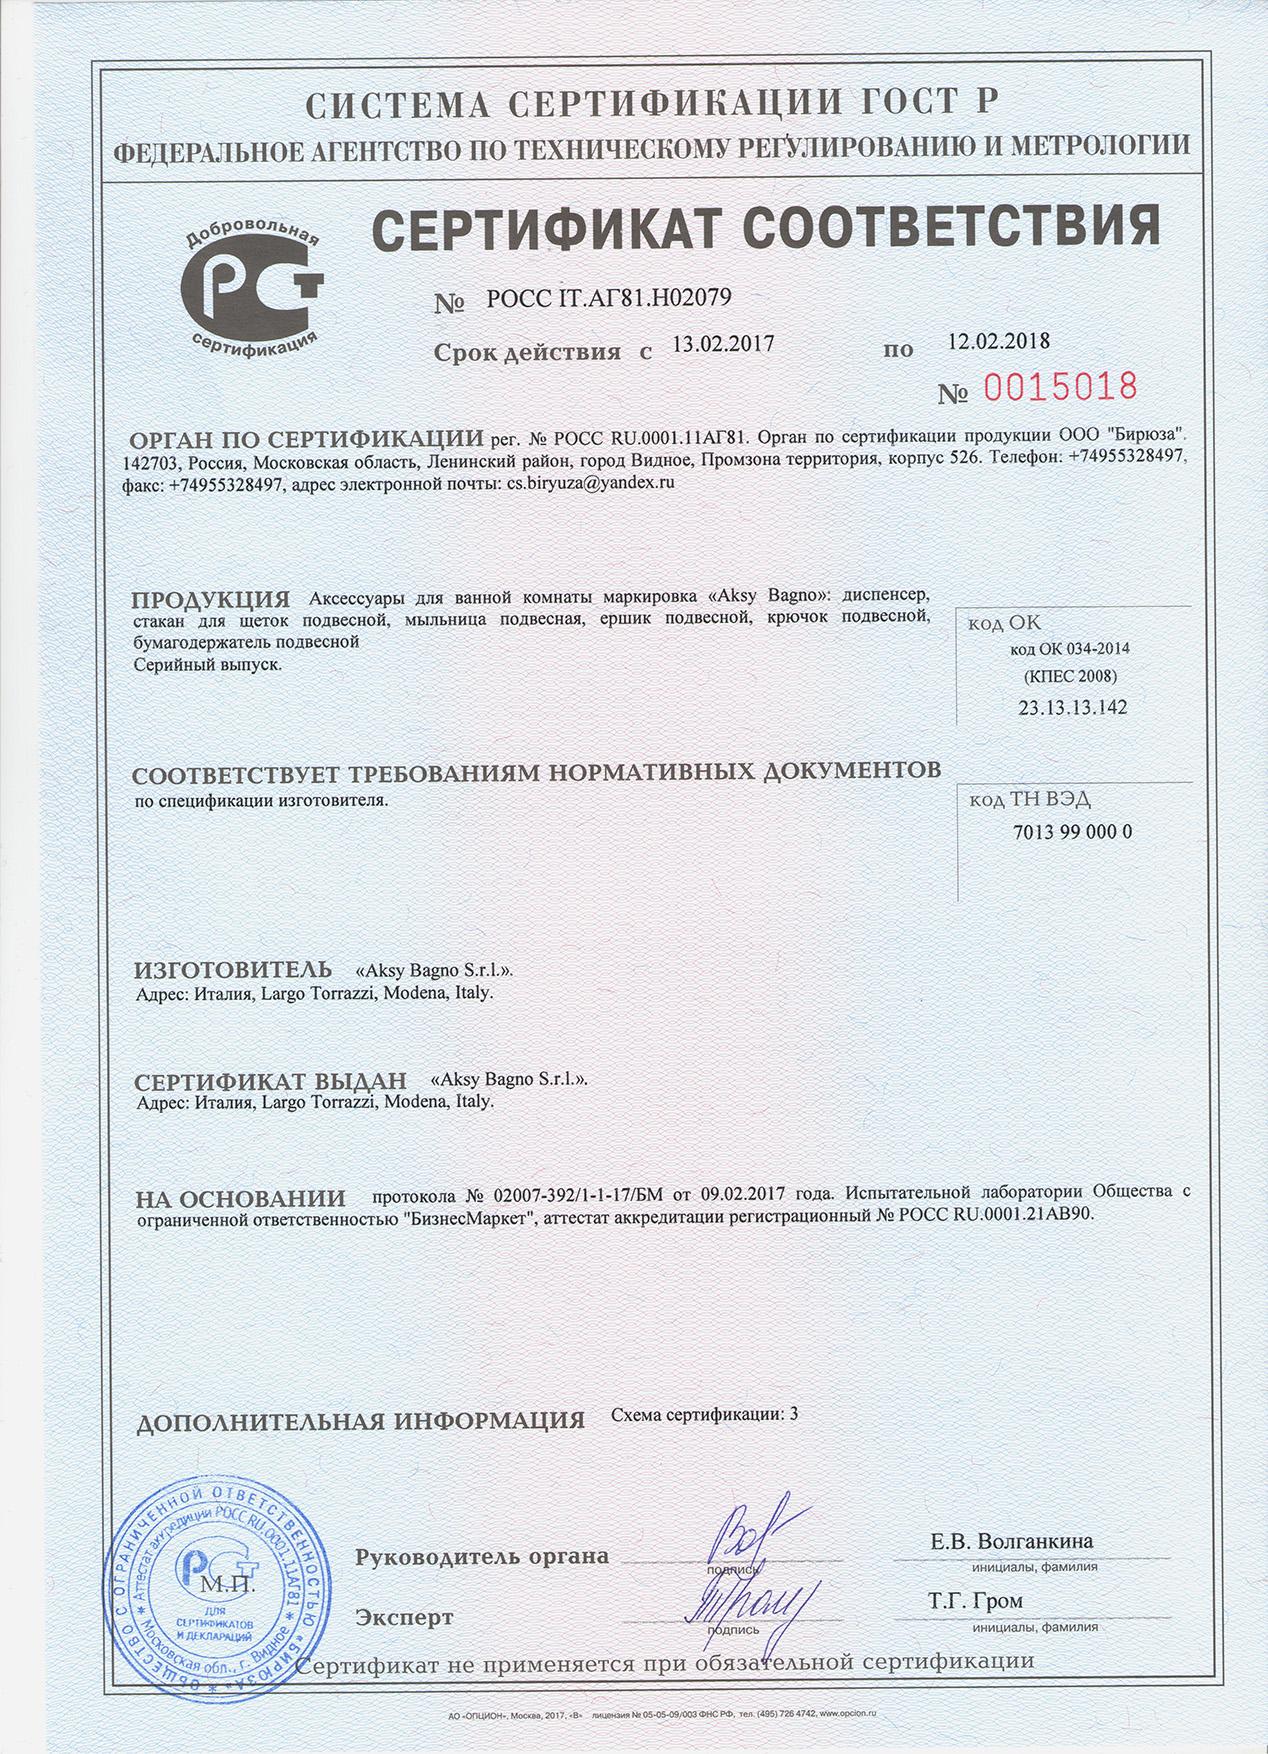 Сертификат качества аксессуаров